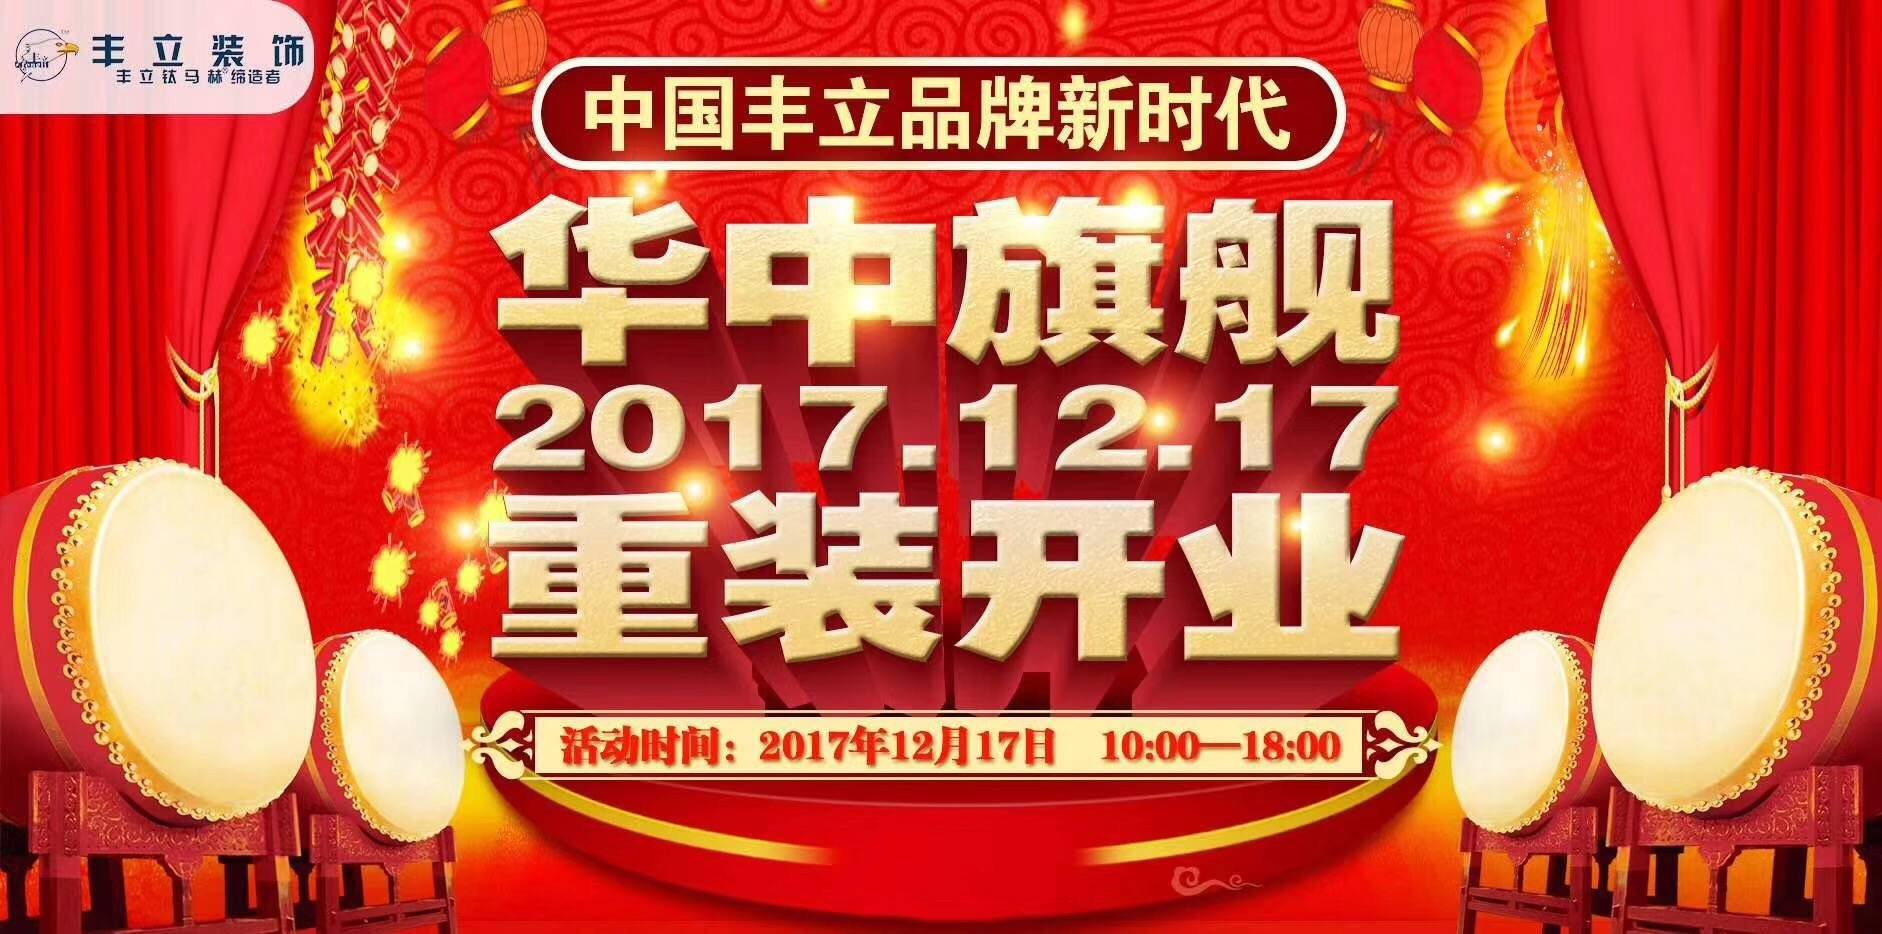 华中旗舰重装开业